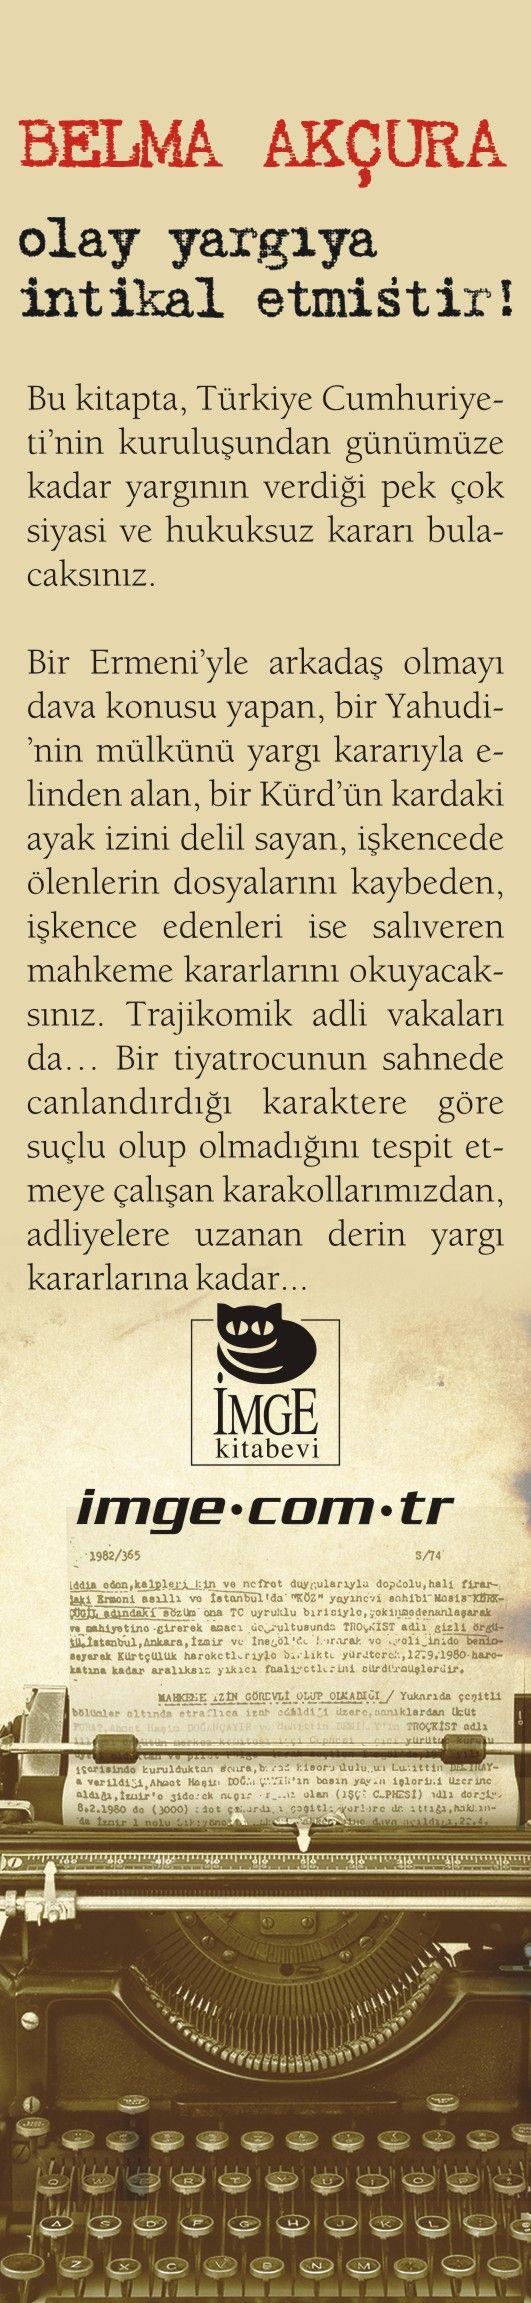 Olay Yargıya İntikal Etmiştir! Trajikomik yargı kararları bu kitapta, bir Ermeninin arkadaşı olmak, bir Kürdün kardaki ayak izleri nasıl suç sayıldı?